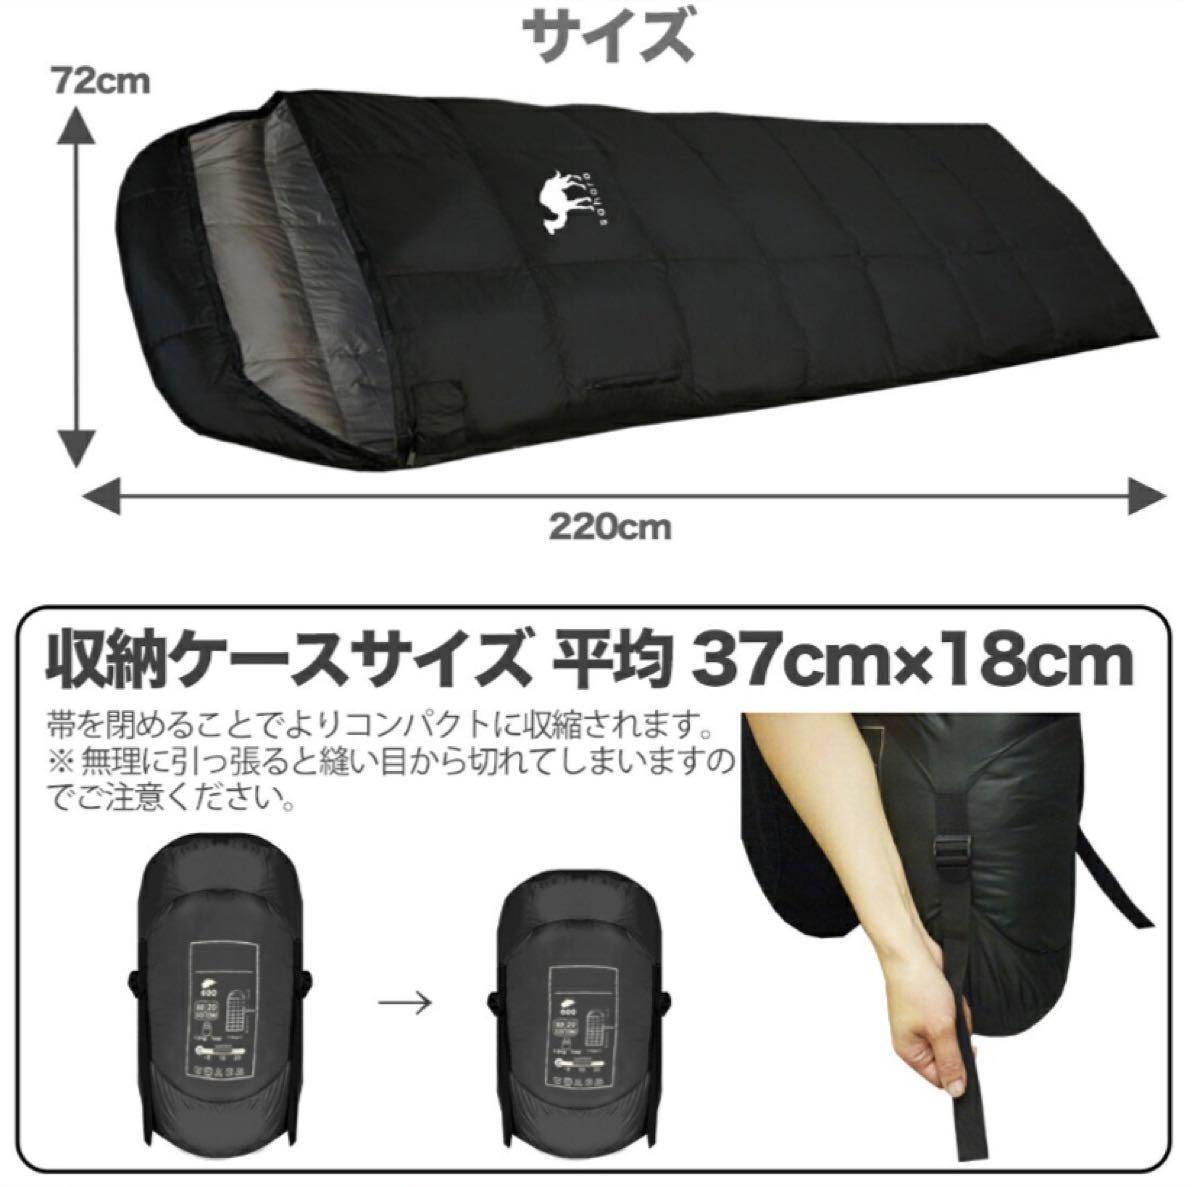 寝袋 ダウン シュラフ 封筒型 コンパクト 抗菌仕様 最低使用温度 -5℃